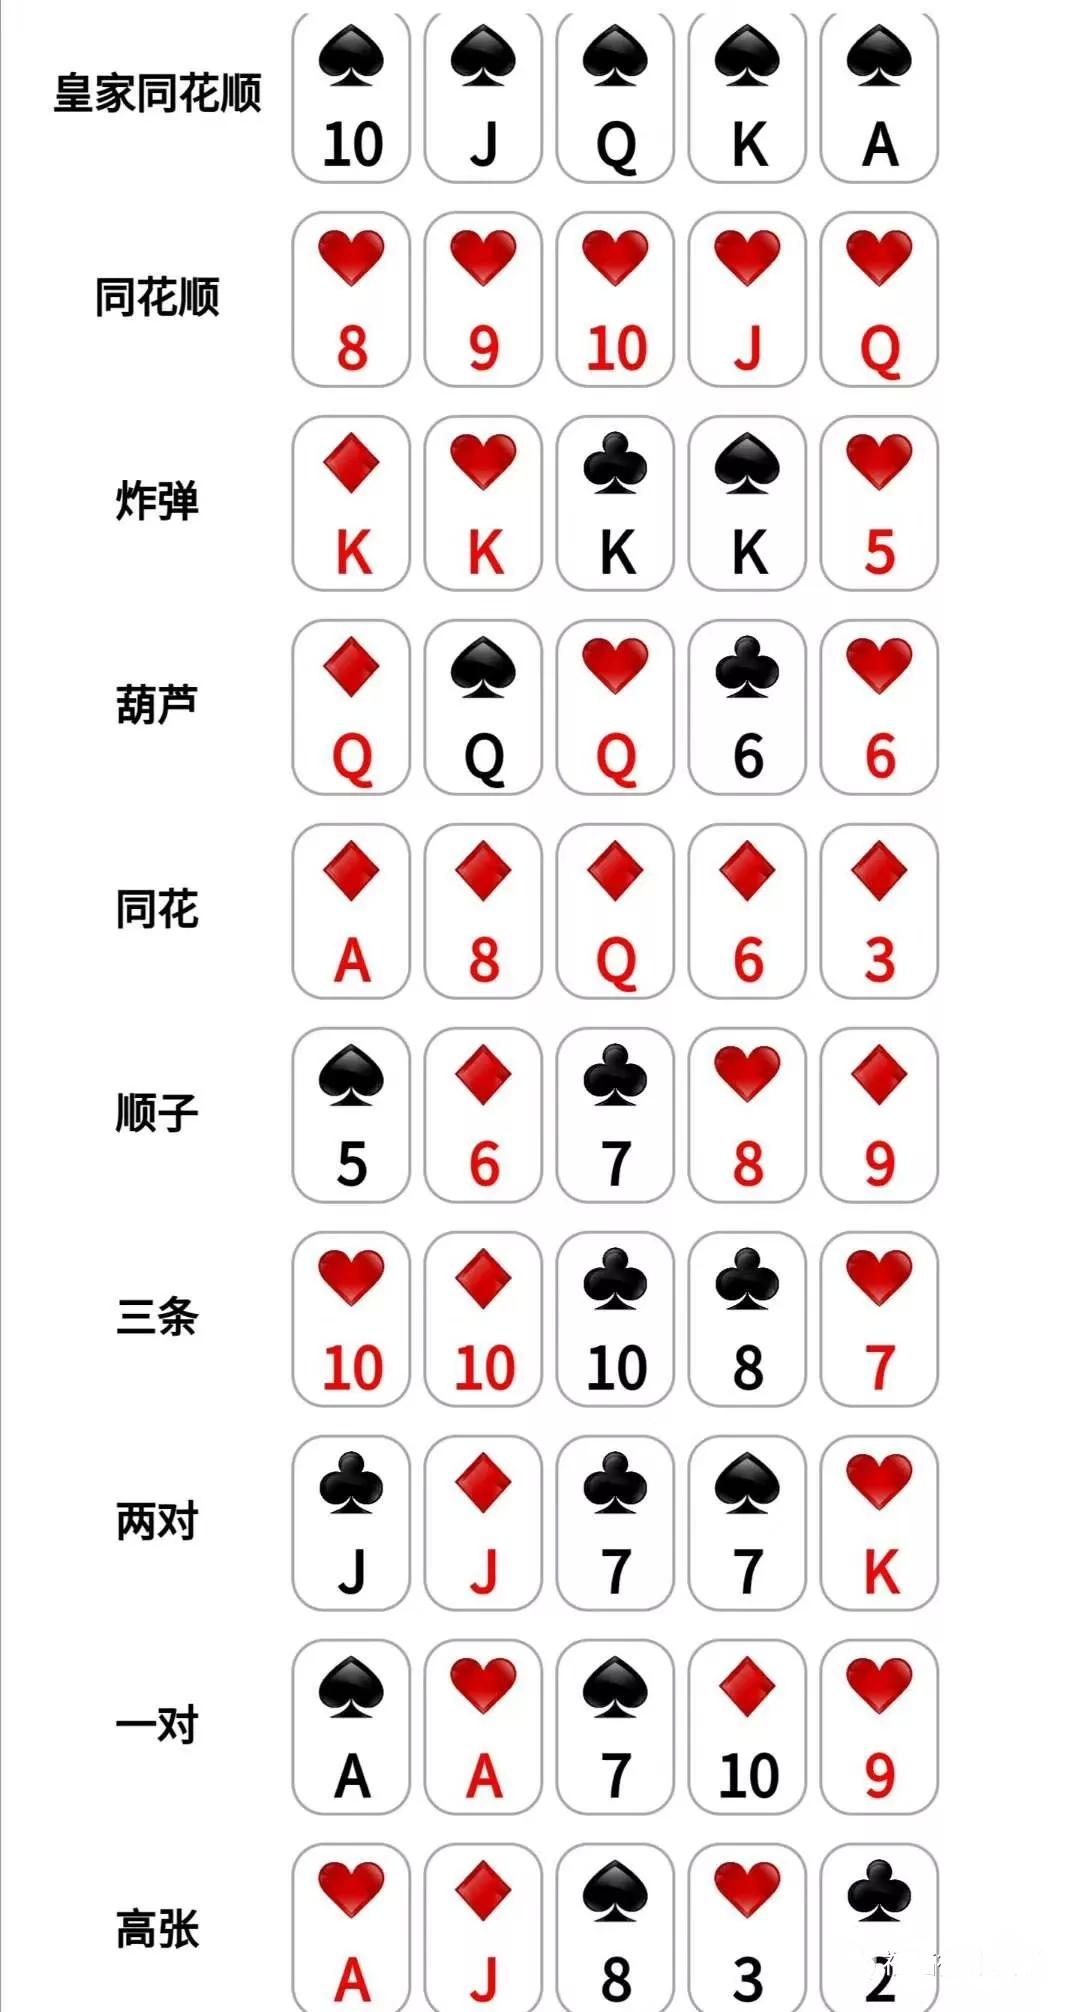 德州扑克规则图解